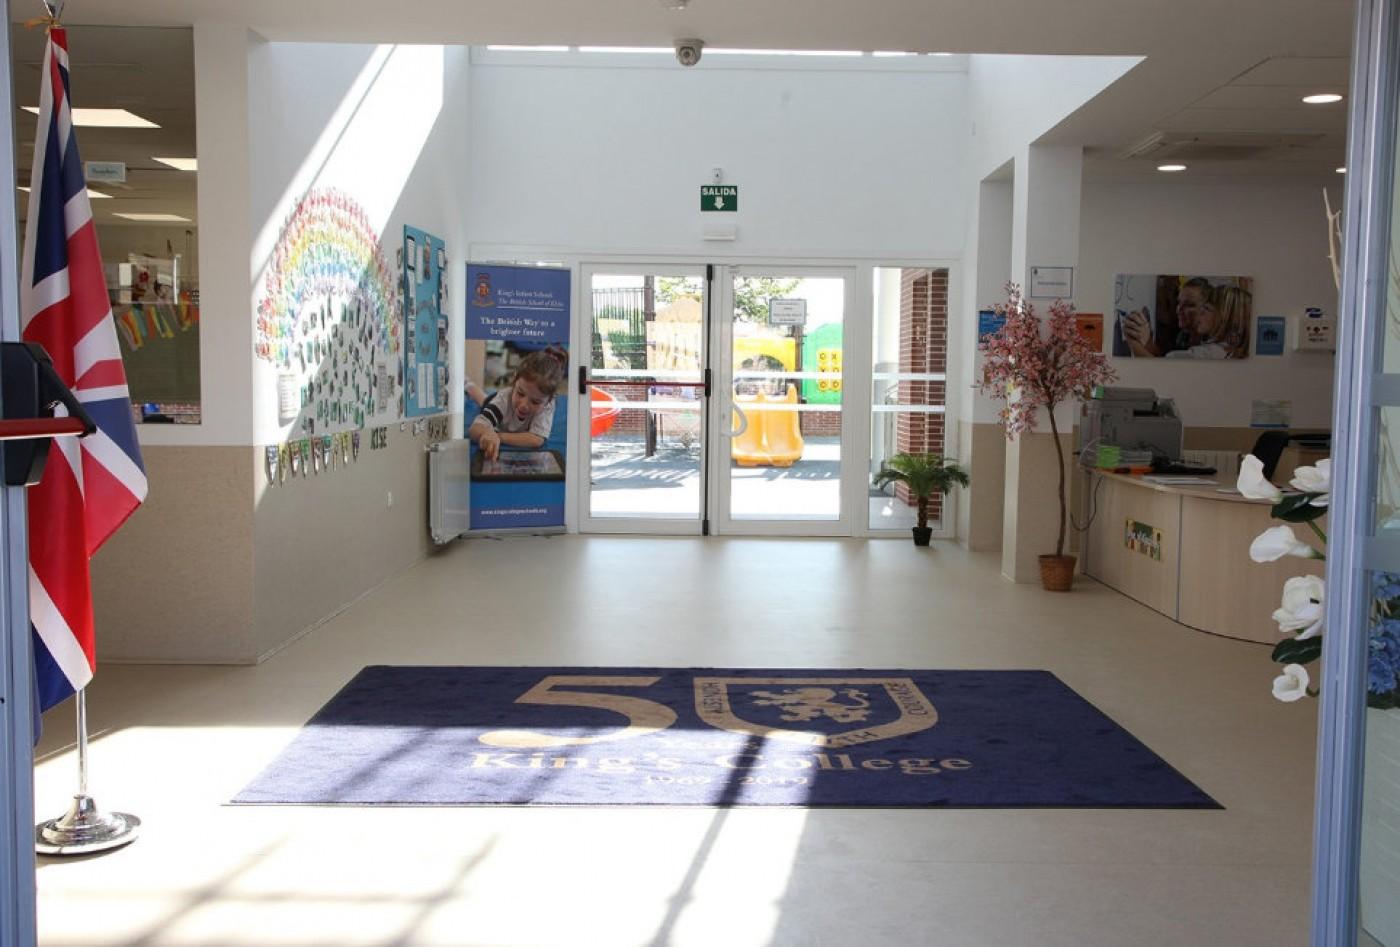 King's College British schools in Murcia, Alicante and Elche